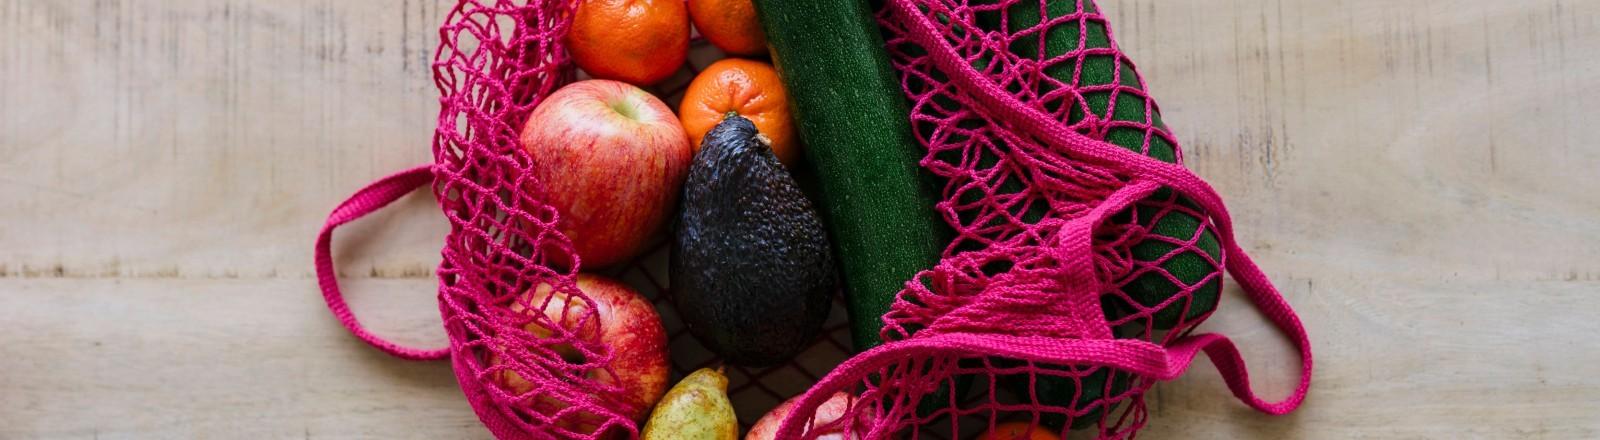 Eine Einkaufstasche mit Gemüse und Obst